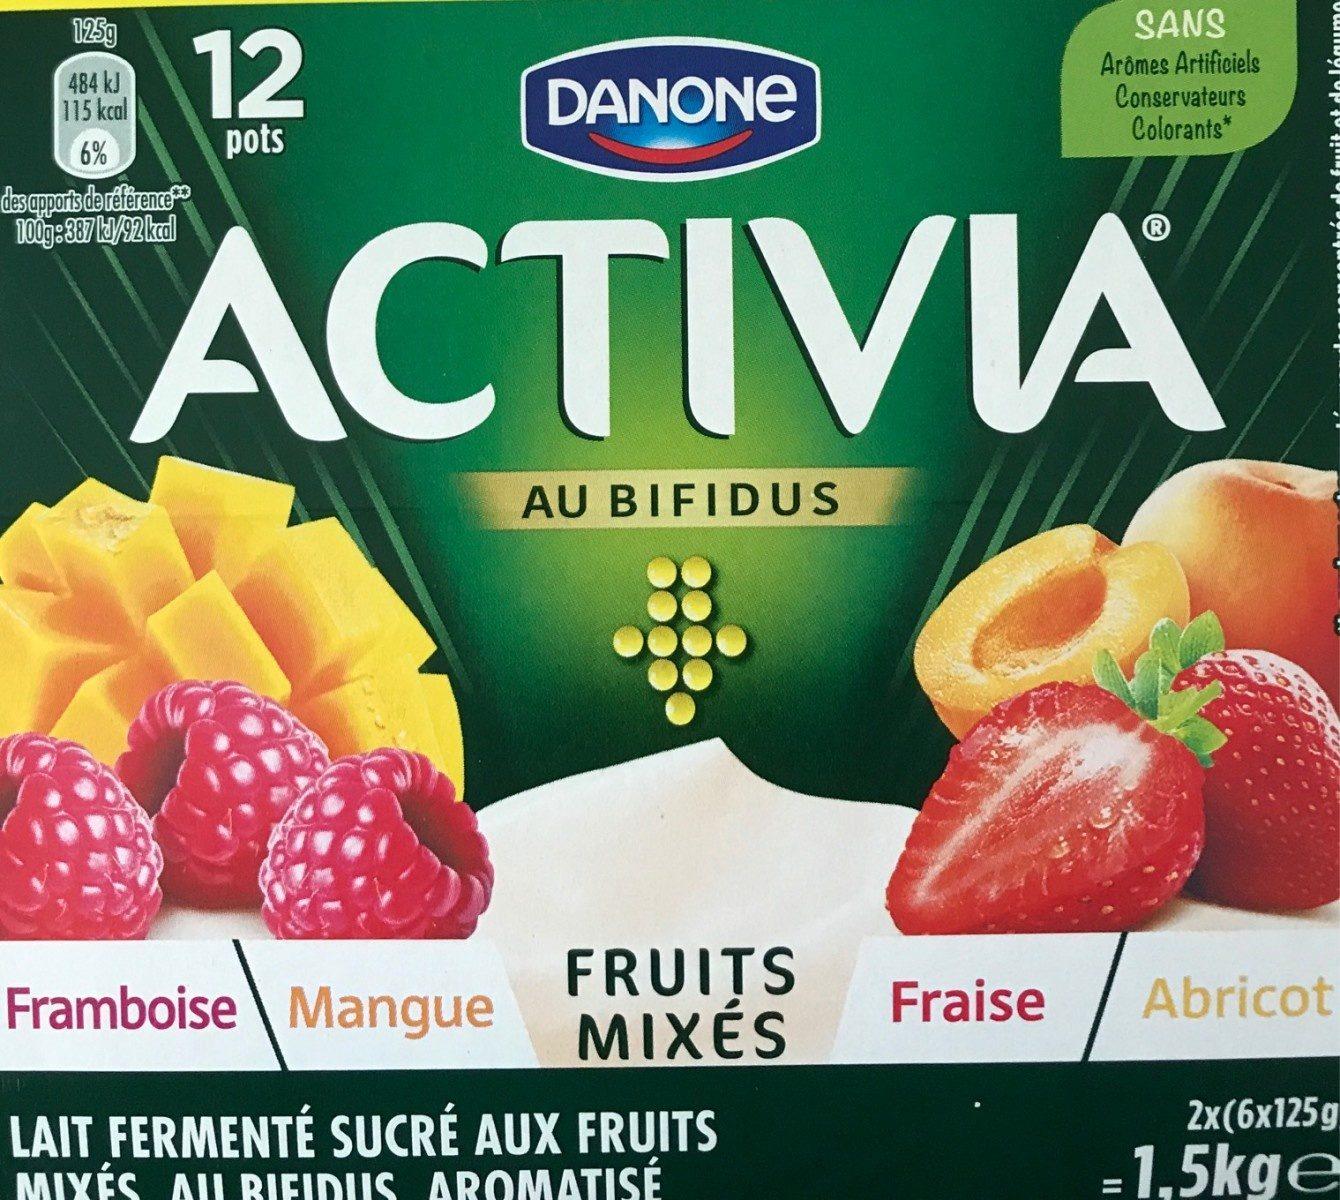 Activia au bifidus framboises mangue abricots fraises - Prodotto - fr